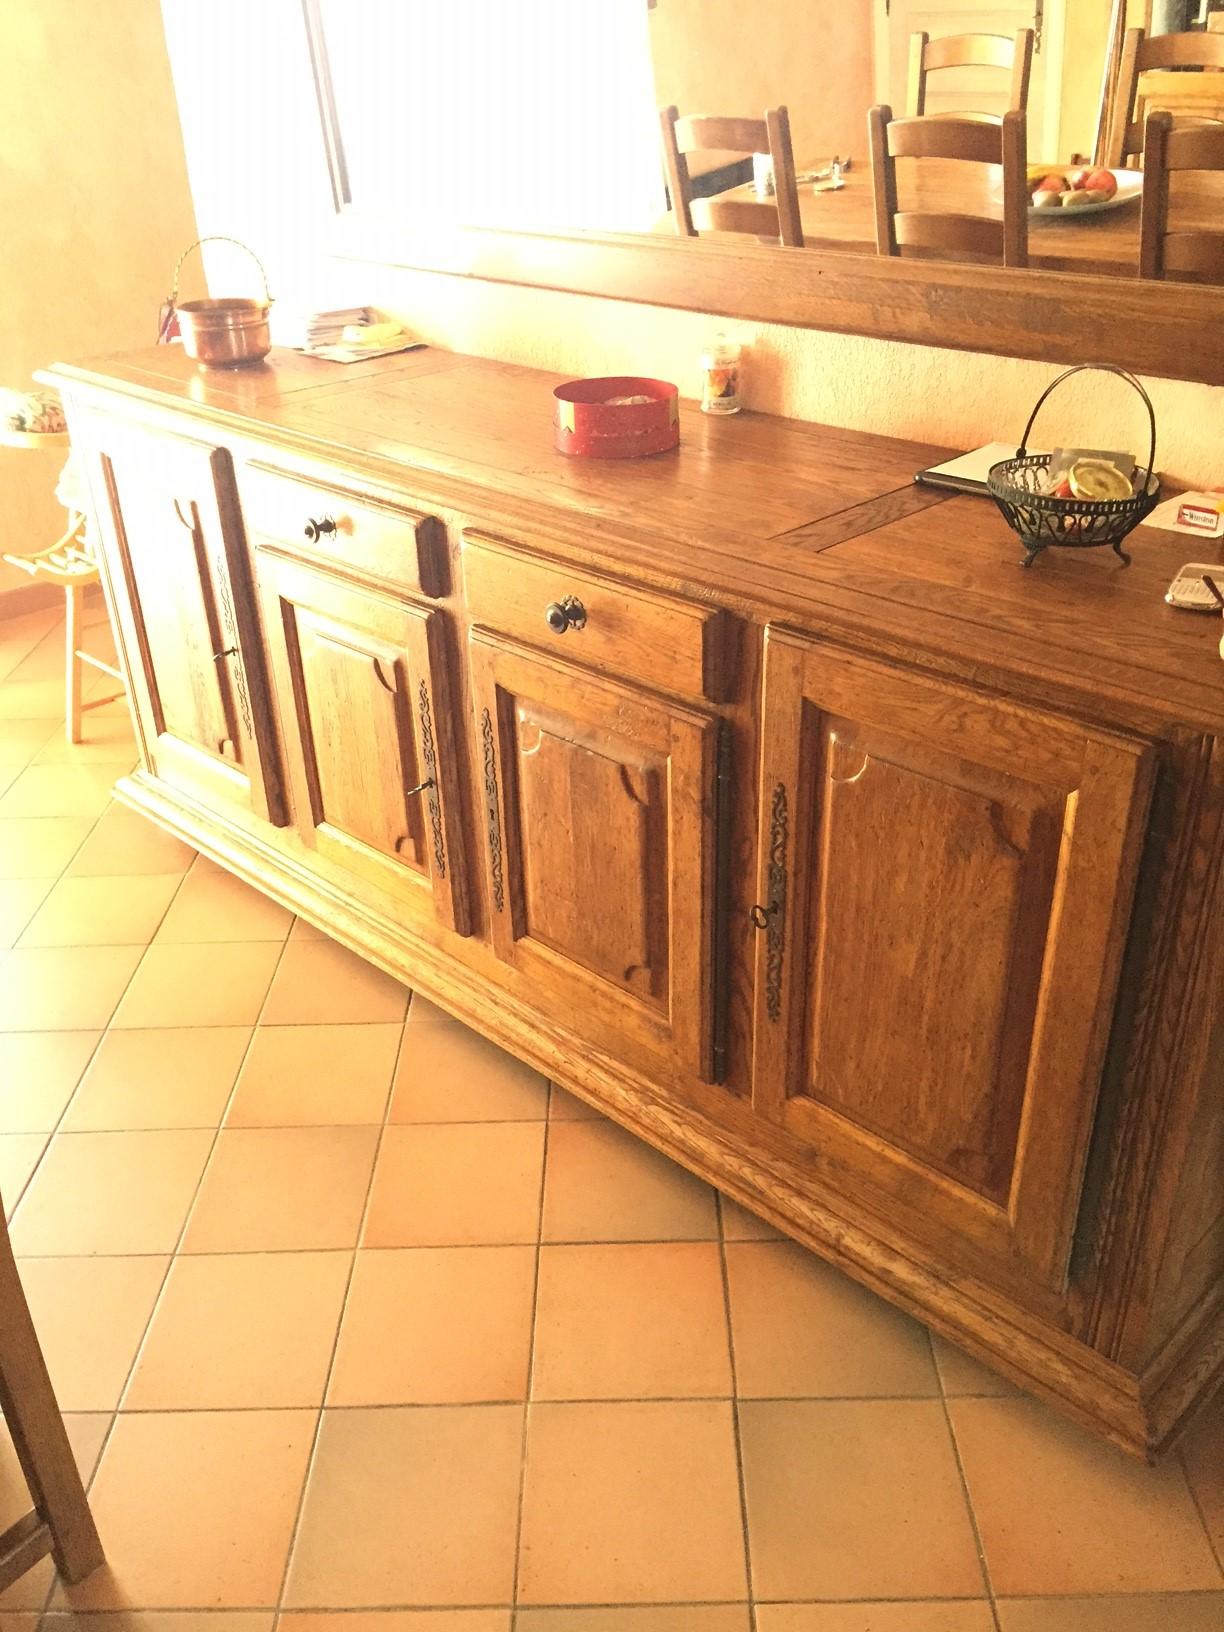 Sablage de meubles aix en provence ttc for Asia buffet wok salon de provence